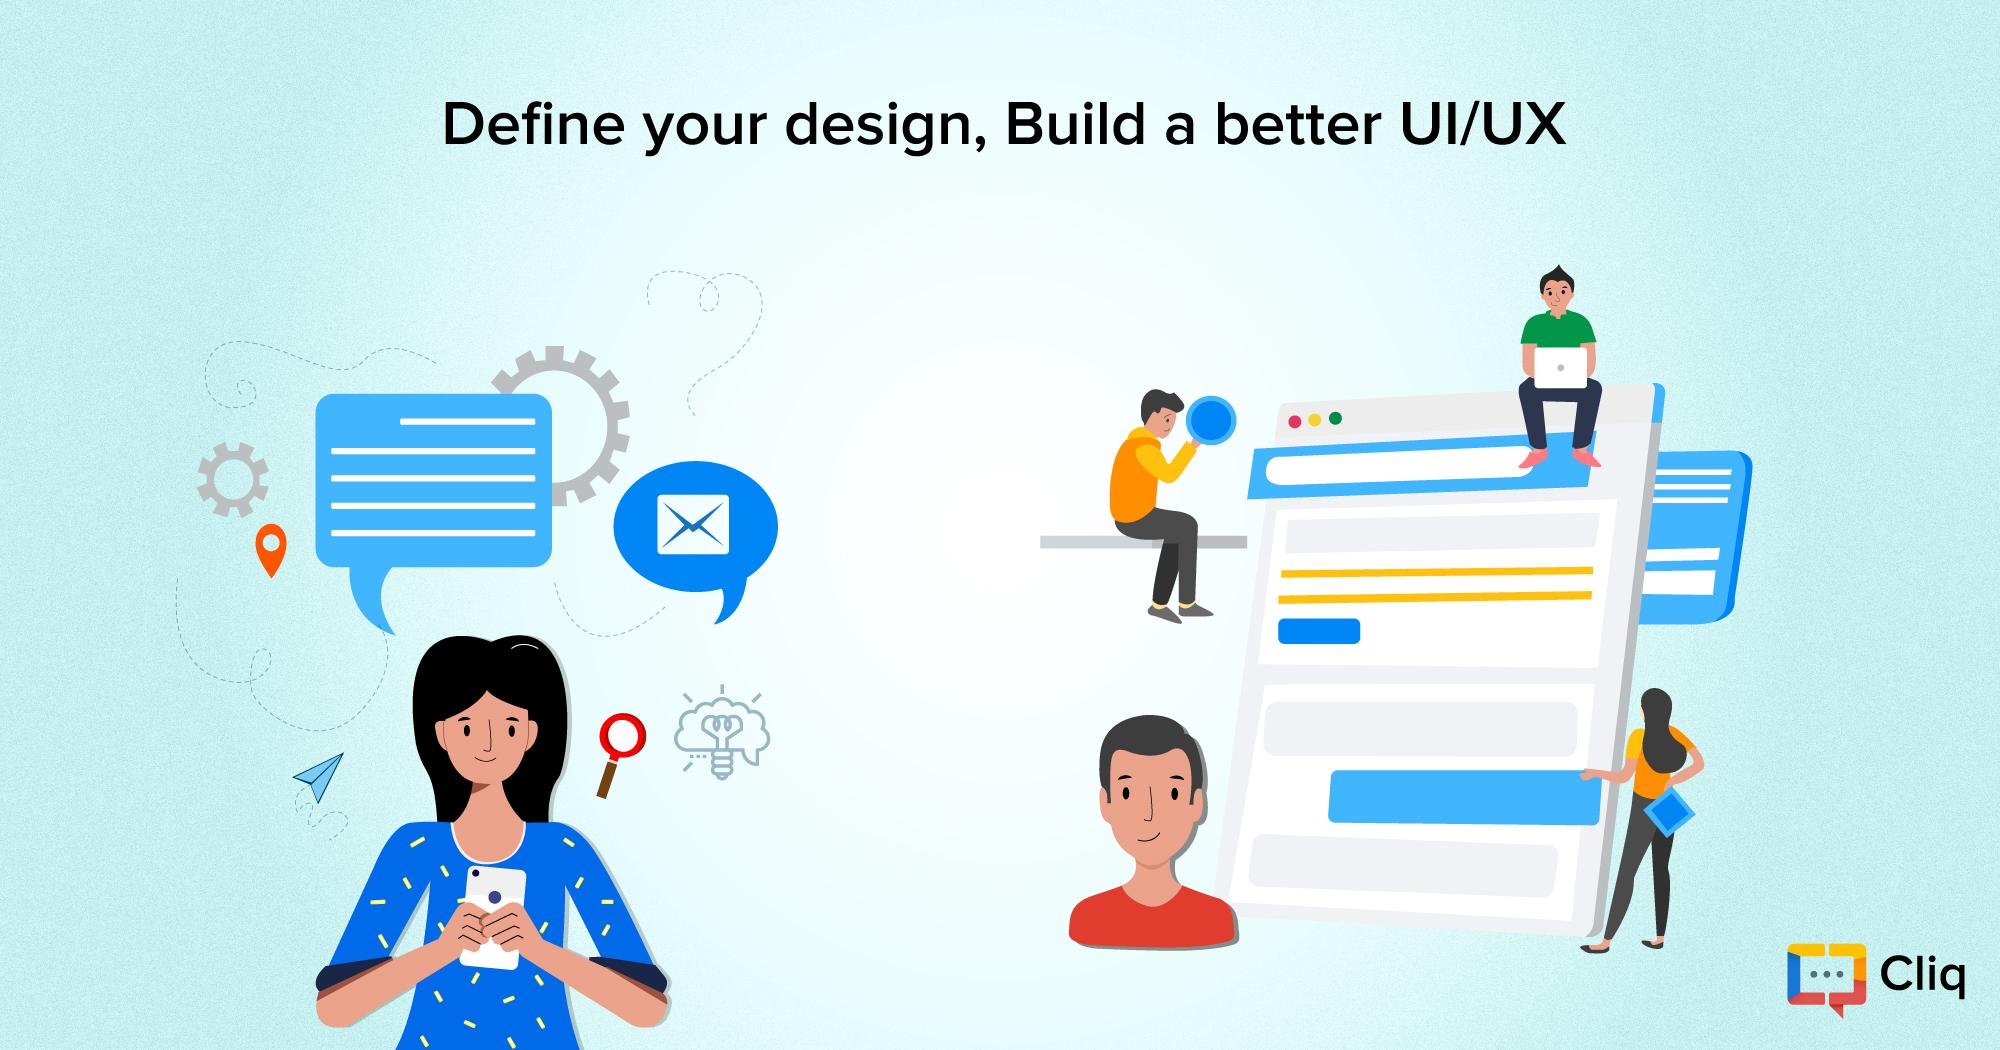 Define your design; Build a better UI/UX